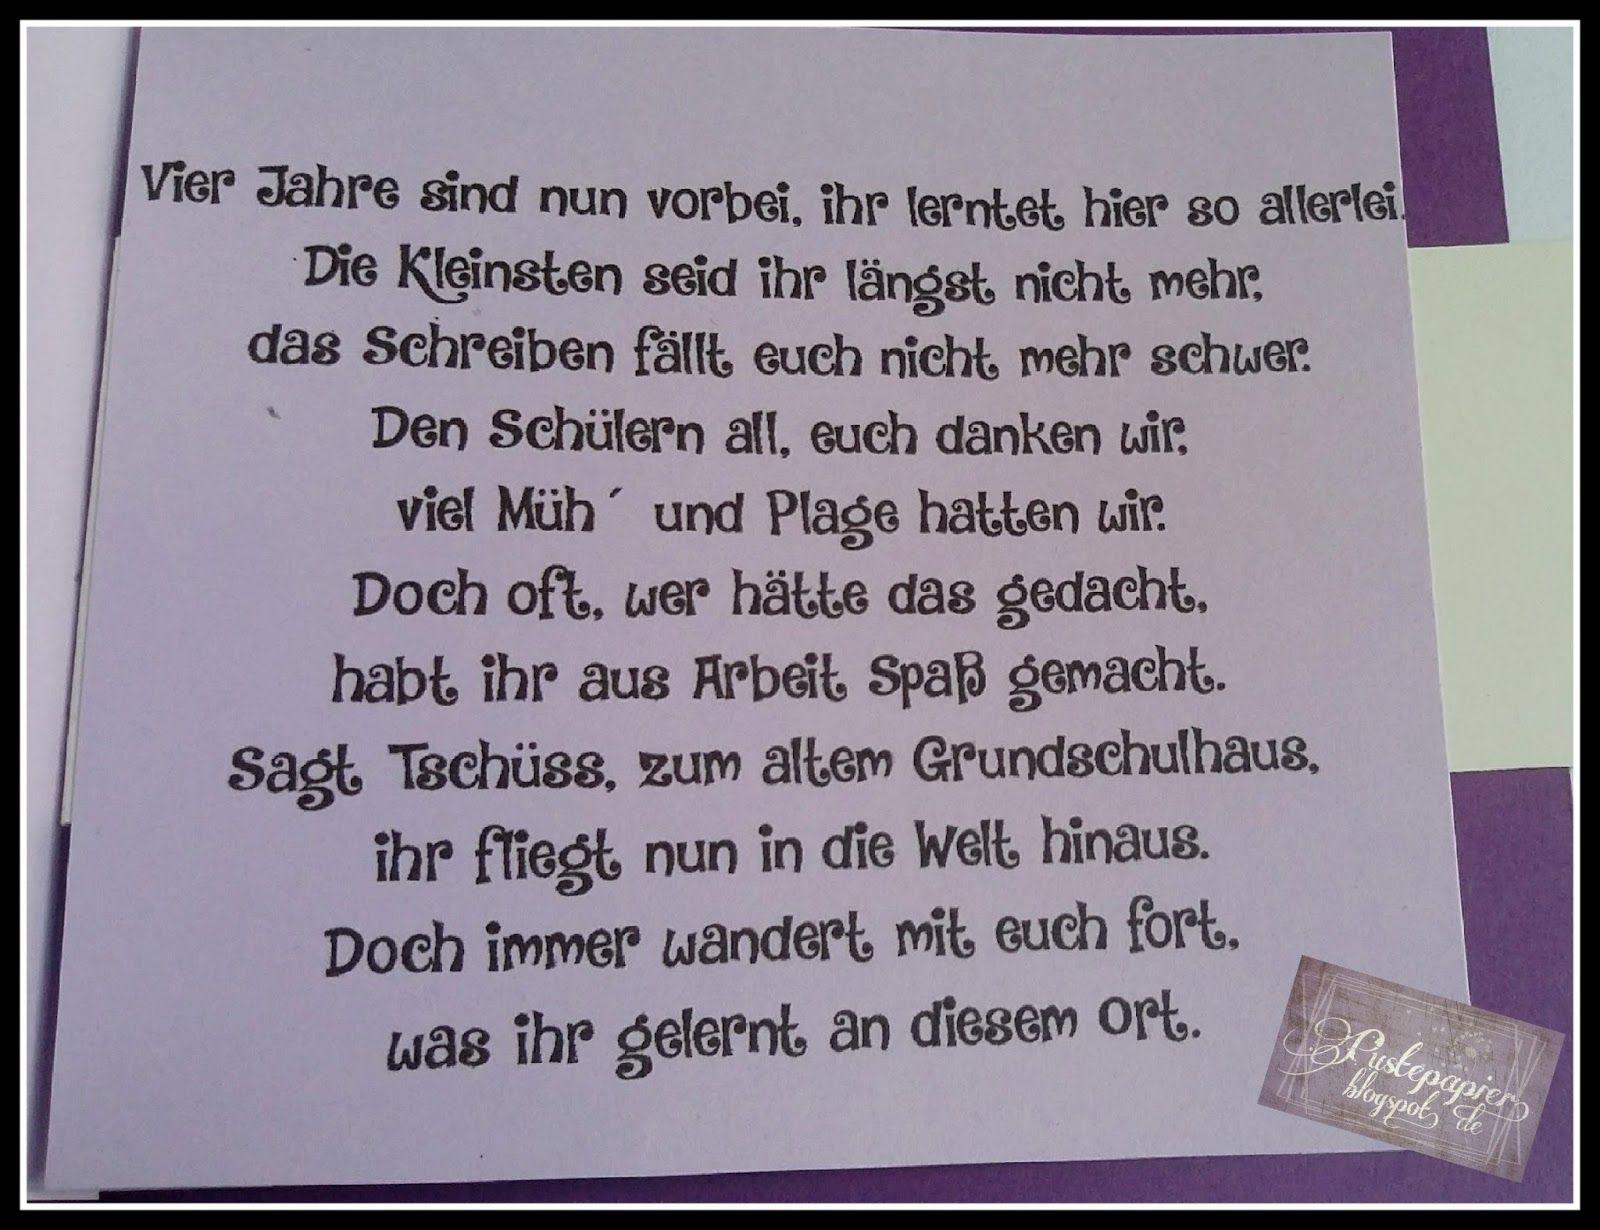 Friendship Bag Zum Abschied Aus Der Grundschule | Geschenke über Verabschiedung Lehrerin Grundschule Spruch